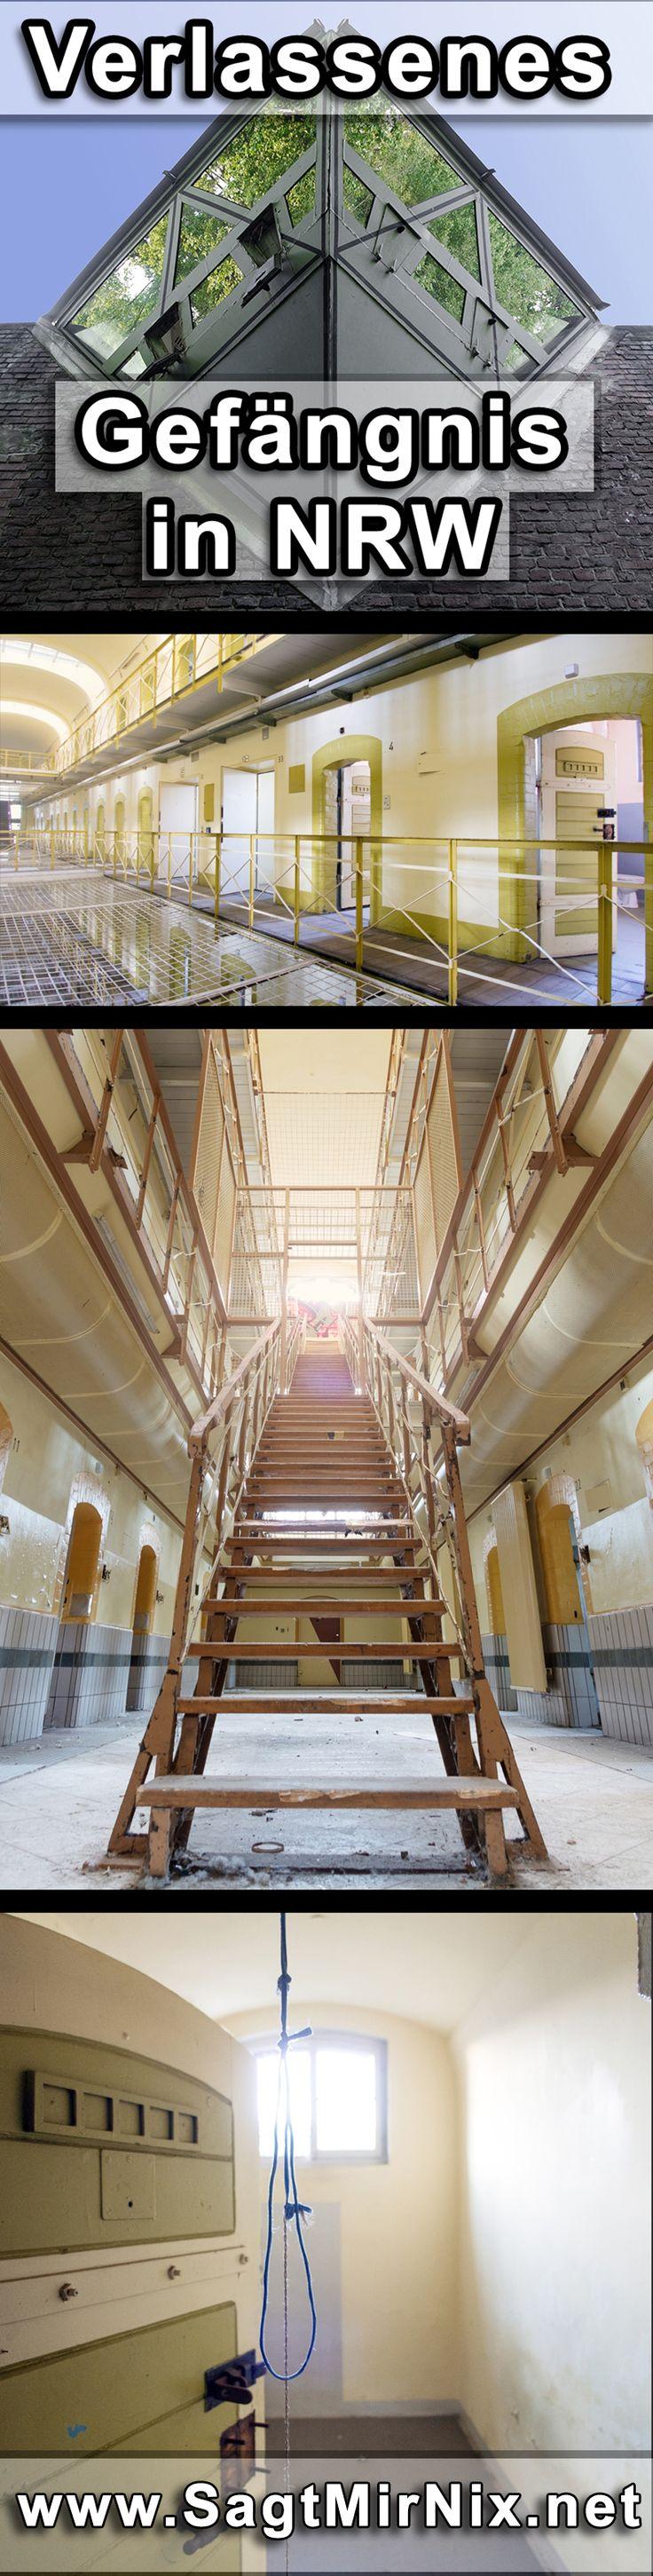 Das verlassene Gefängnis in NRW, ein spannender, aber beklemmender Lost Place. An den Wänden fanden sich sogar noch Kritzeleien der Häftlinge. Heute steht die JVA leer, ein von Wärtern und Gefangenen verlassener Ort.